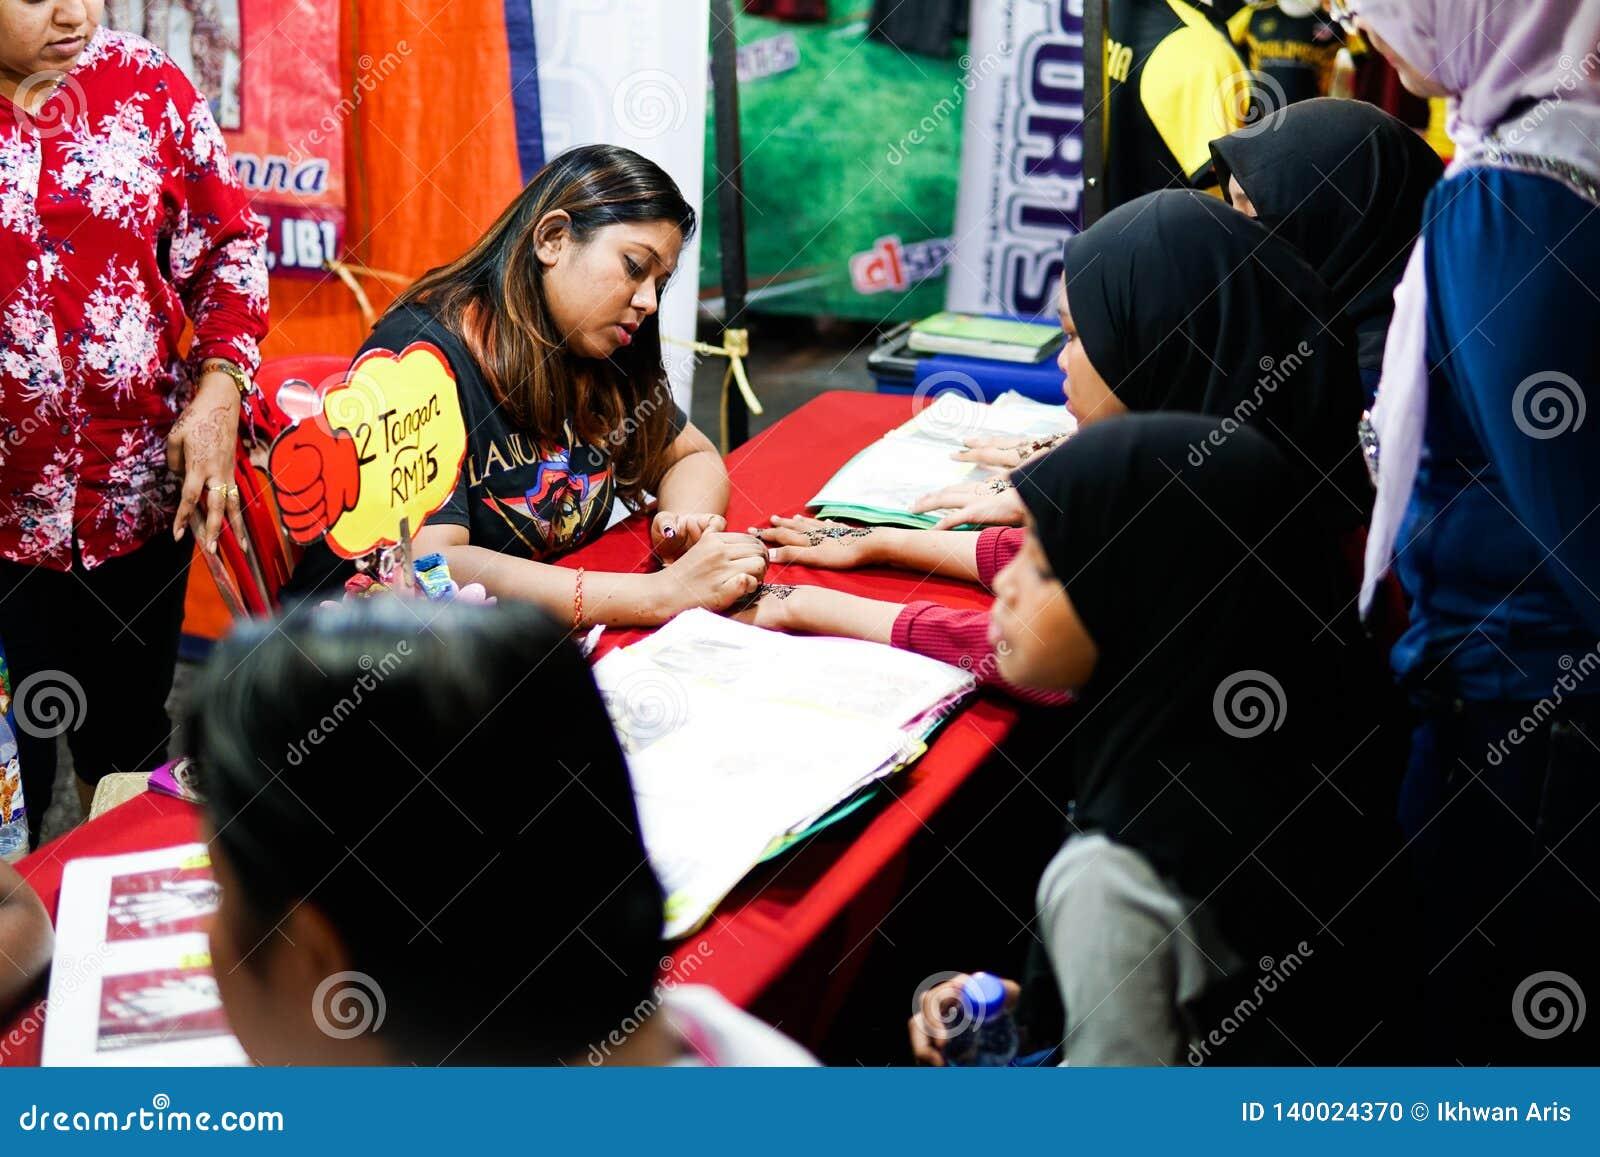 JOHOR, MALEISIË - FEBRUARI 2019: Straatscène van massivepeople in Pasar Karat of de verkoopmarkt van de autolaars tijdens Chinees